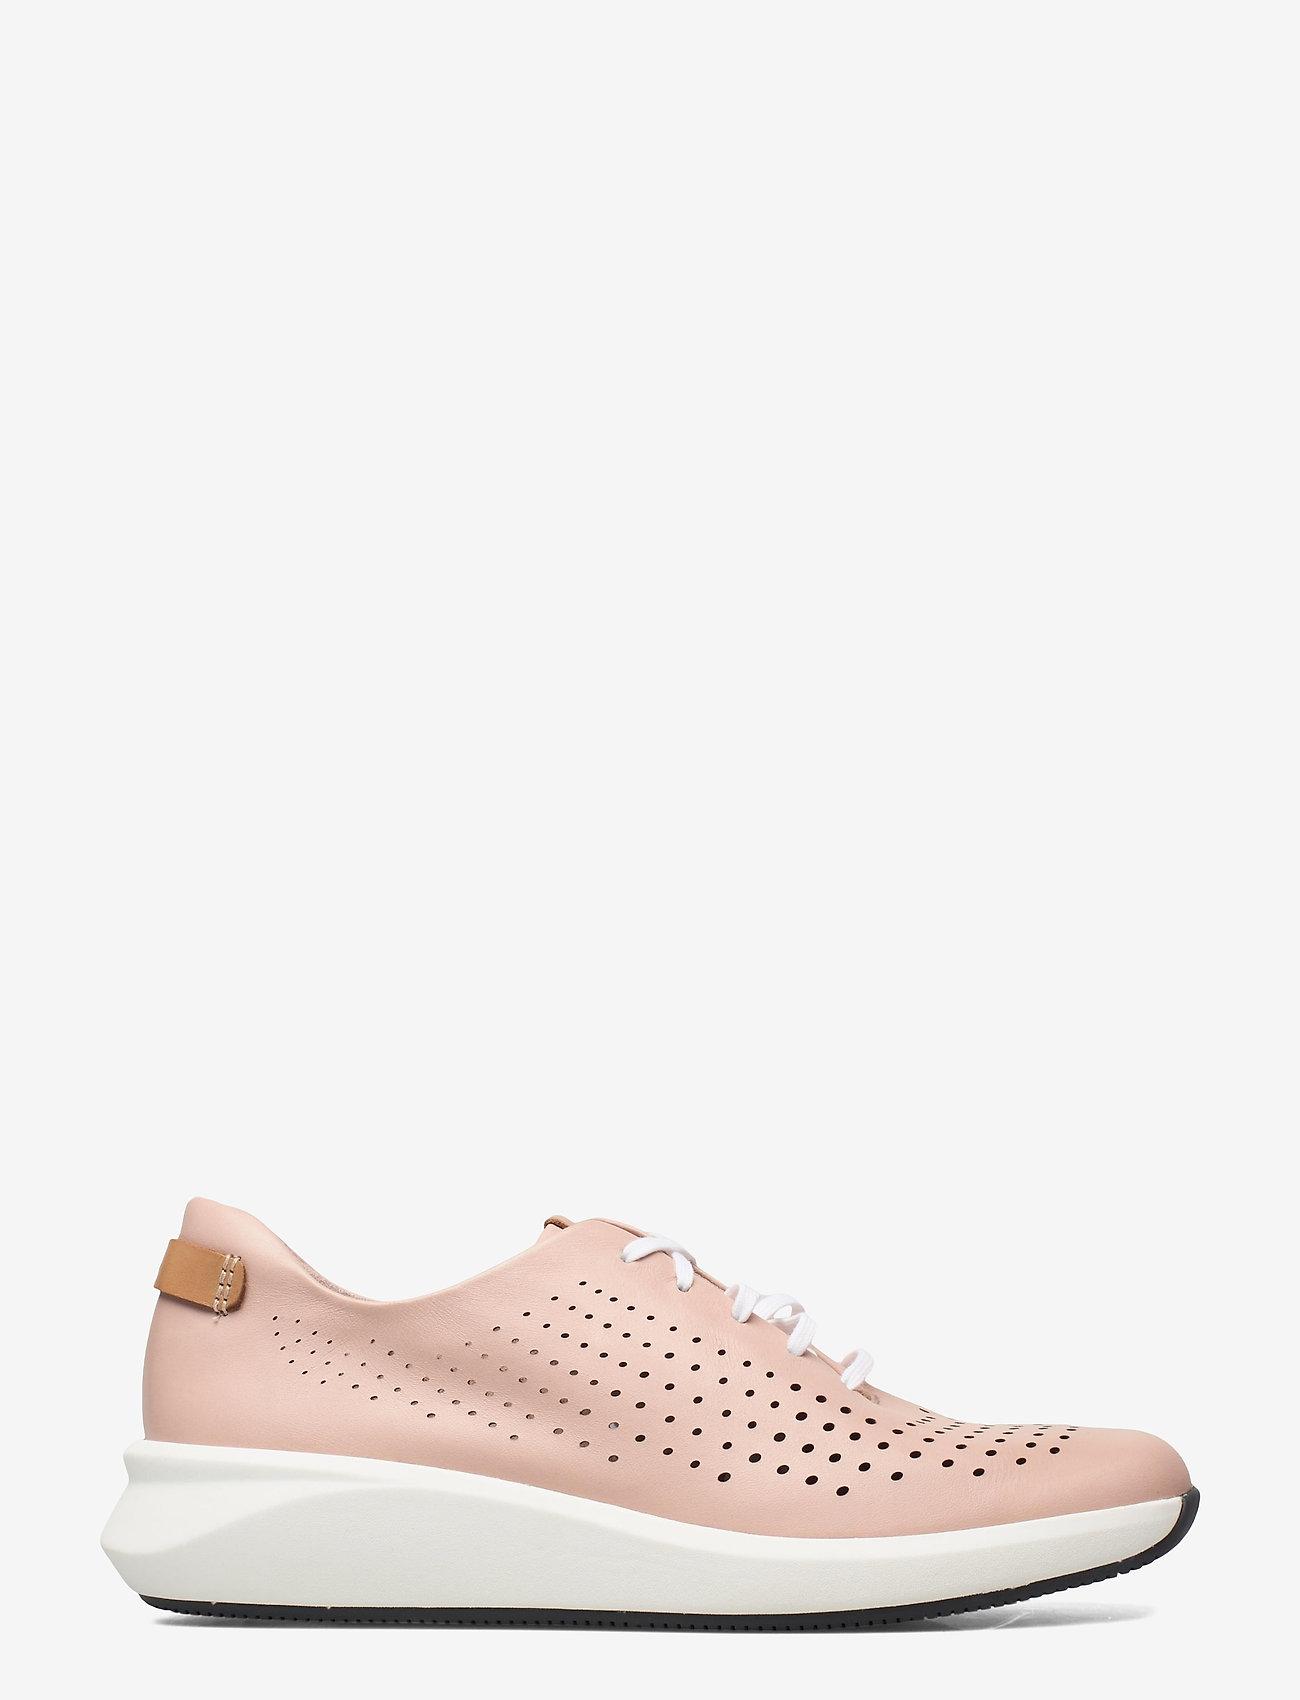 Clarks - Un Rio Tie - låga sneakers - blush leather - 1